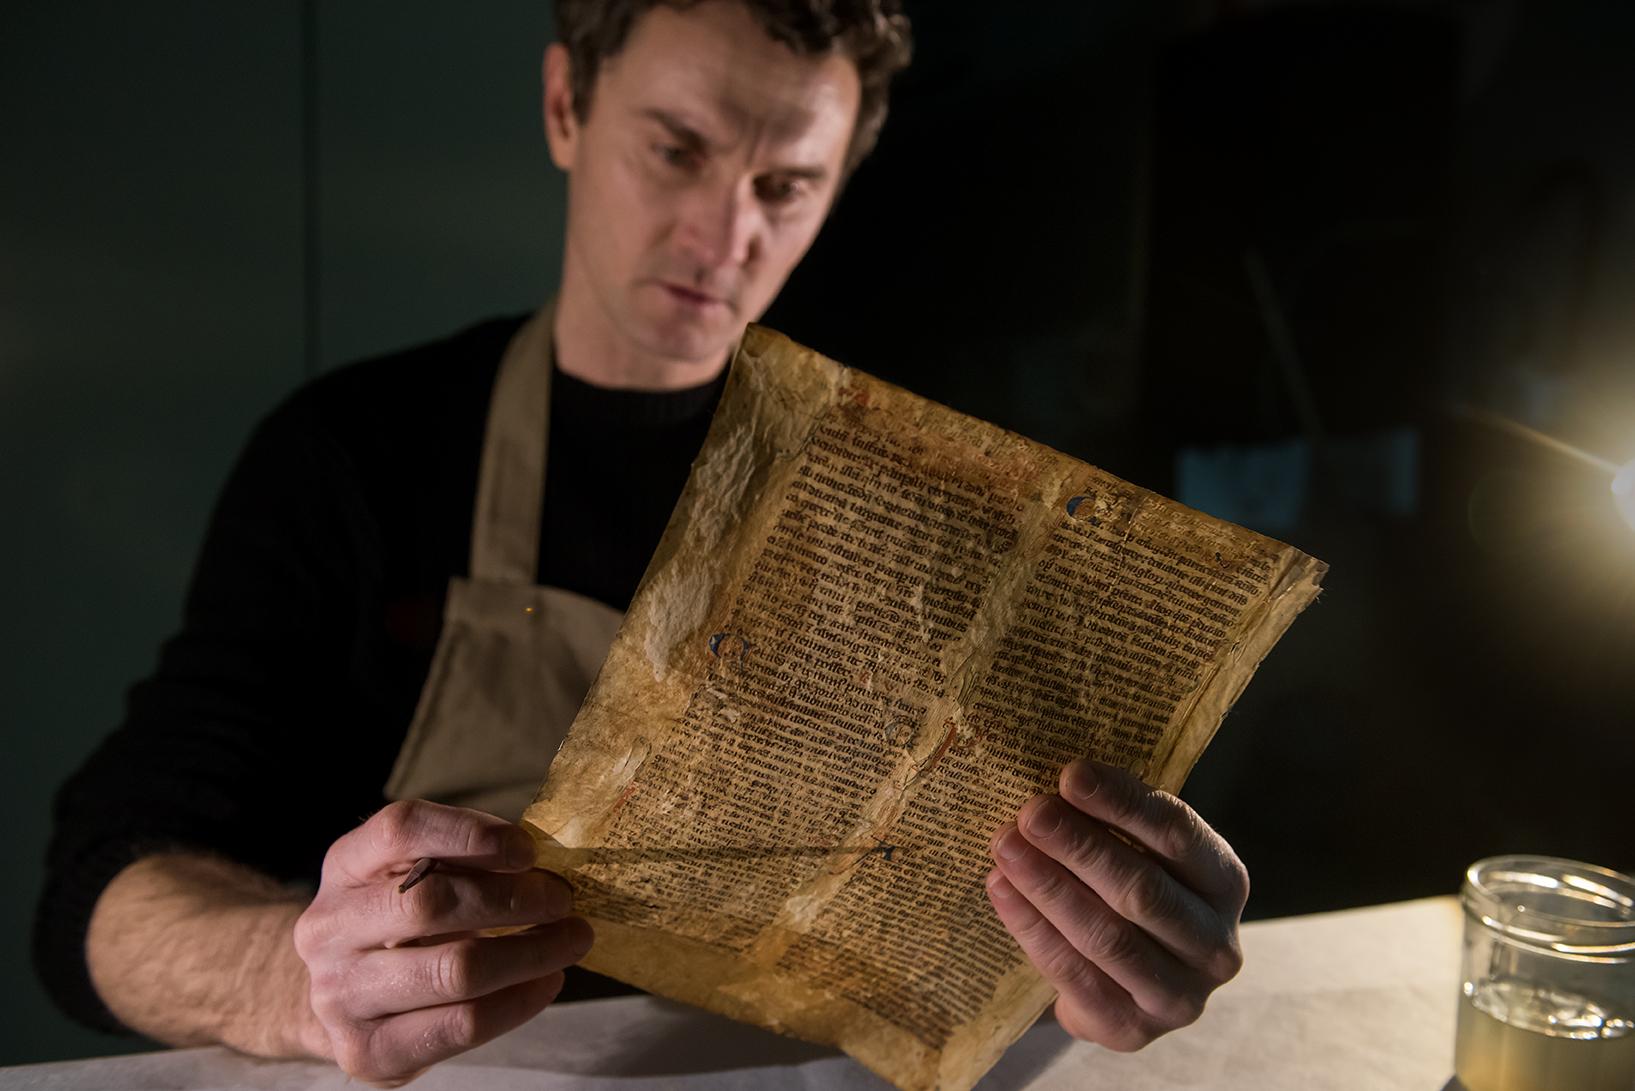 Le restaurateur florentin, Simone Martini est impressionné par la qualité exceptionnelle des incunables de la bibliothèque Fesch (photos Ville d'Ajaccio).